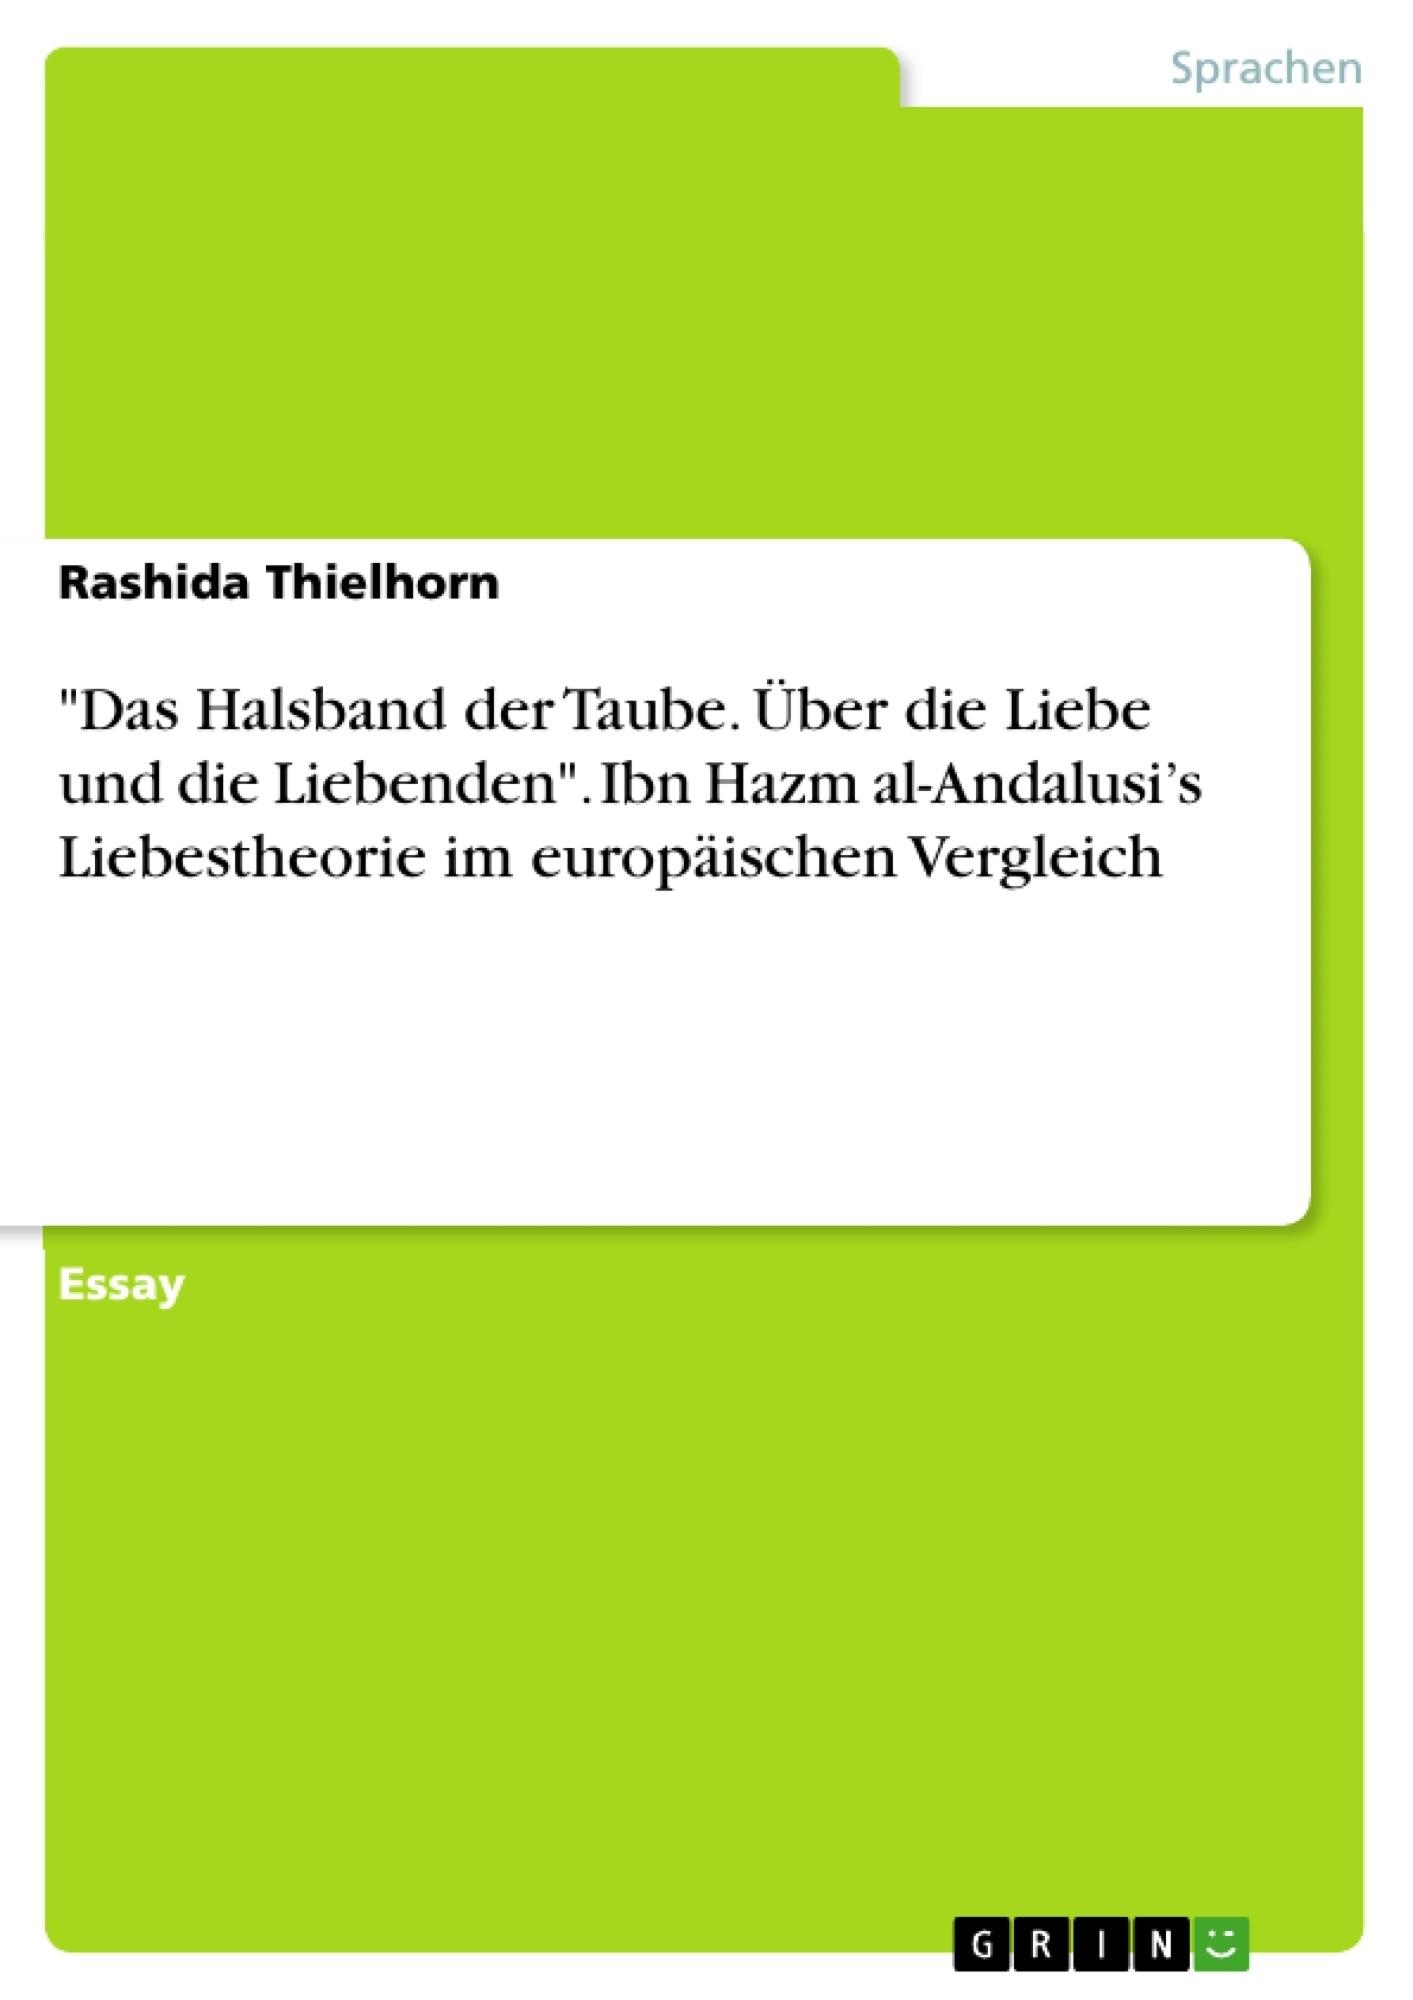 """Titel: """"Das Halsband der Taube. Über die Liebe und die Liebenden"""". Ibn Hazm al-Andalusi's Liebestheorie im europäischen Vergleich"""